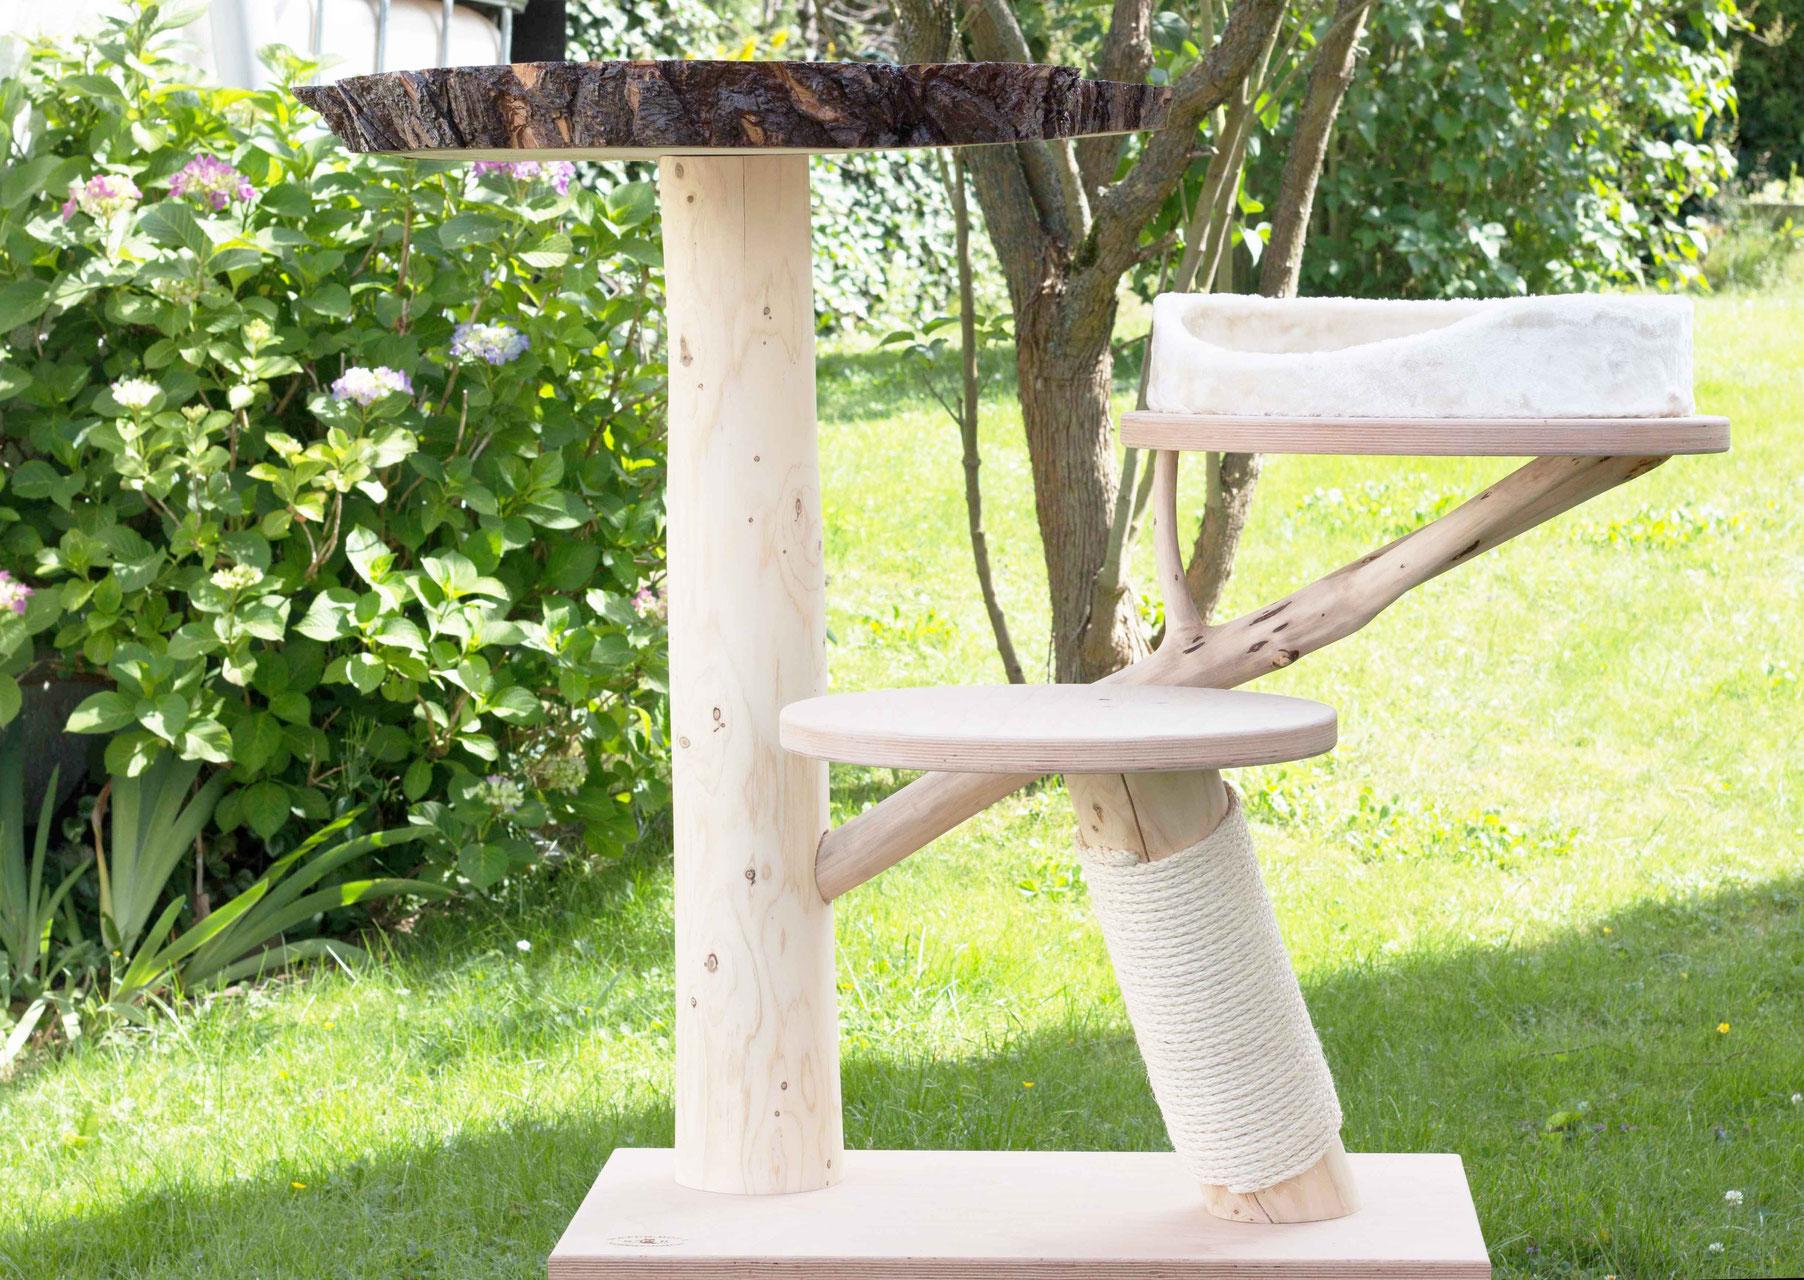 kratzbaum anton lebens t r ume f r katze und mensch katzenm bel onlineshop. Black Bedroom Furniture Sets. Home Design Ideas